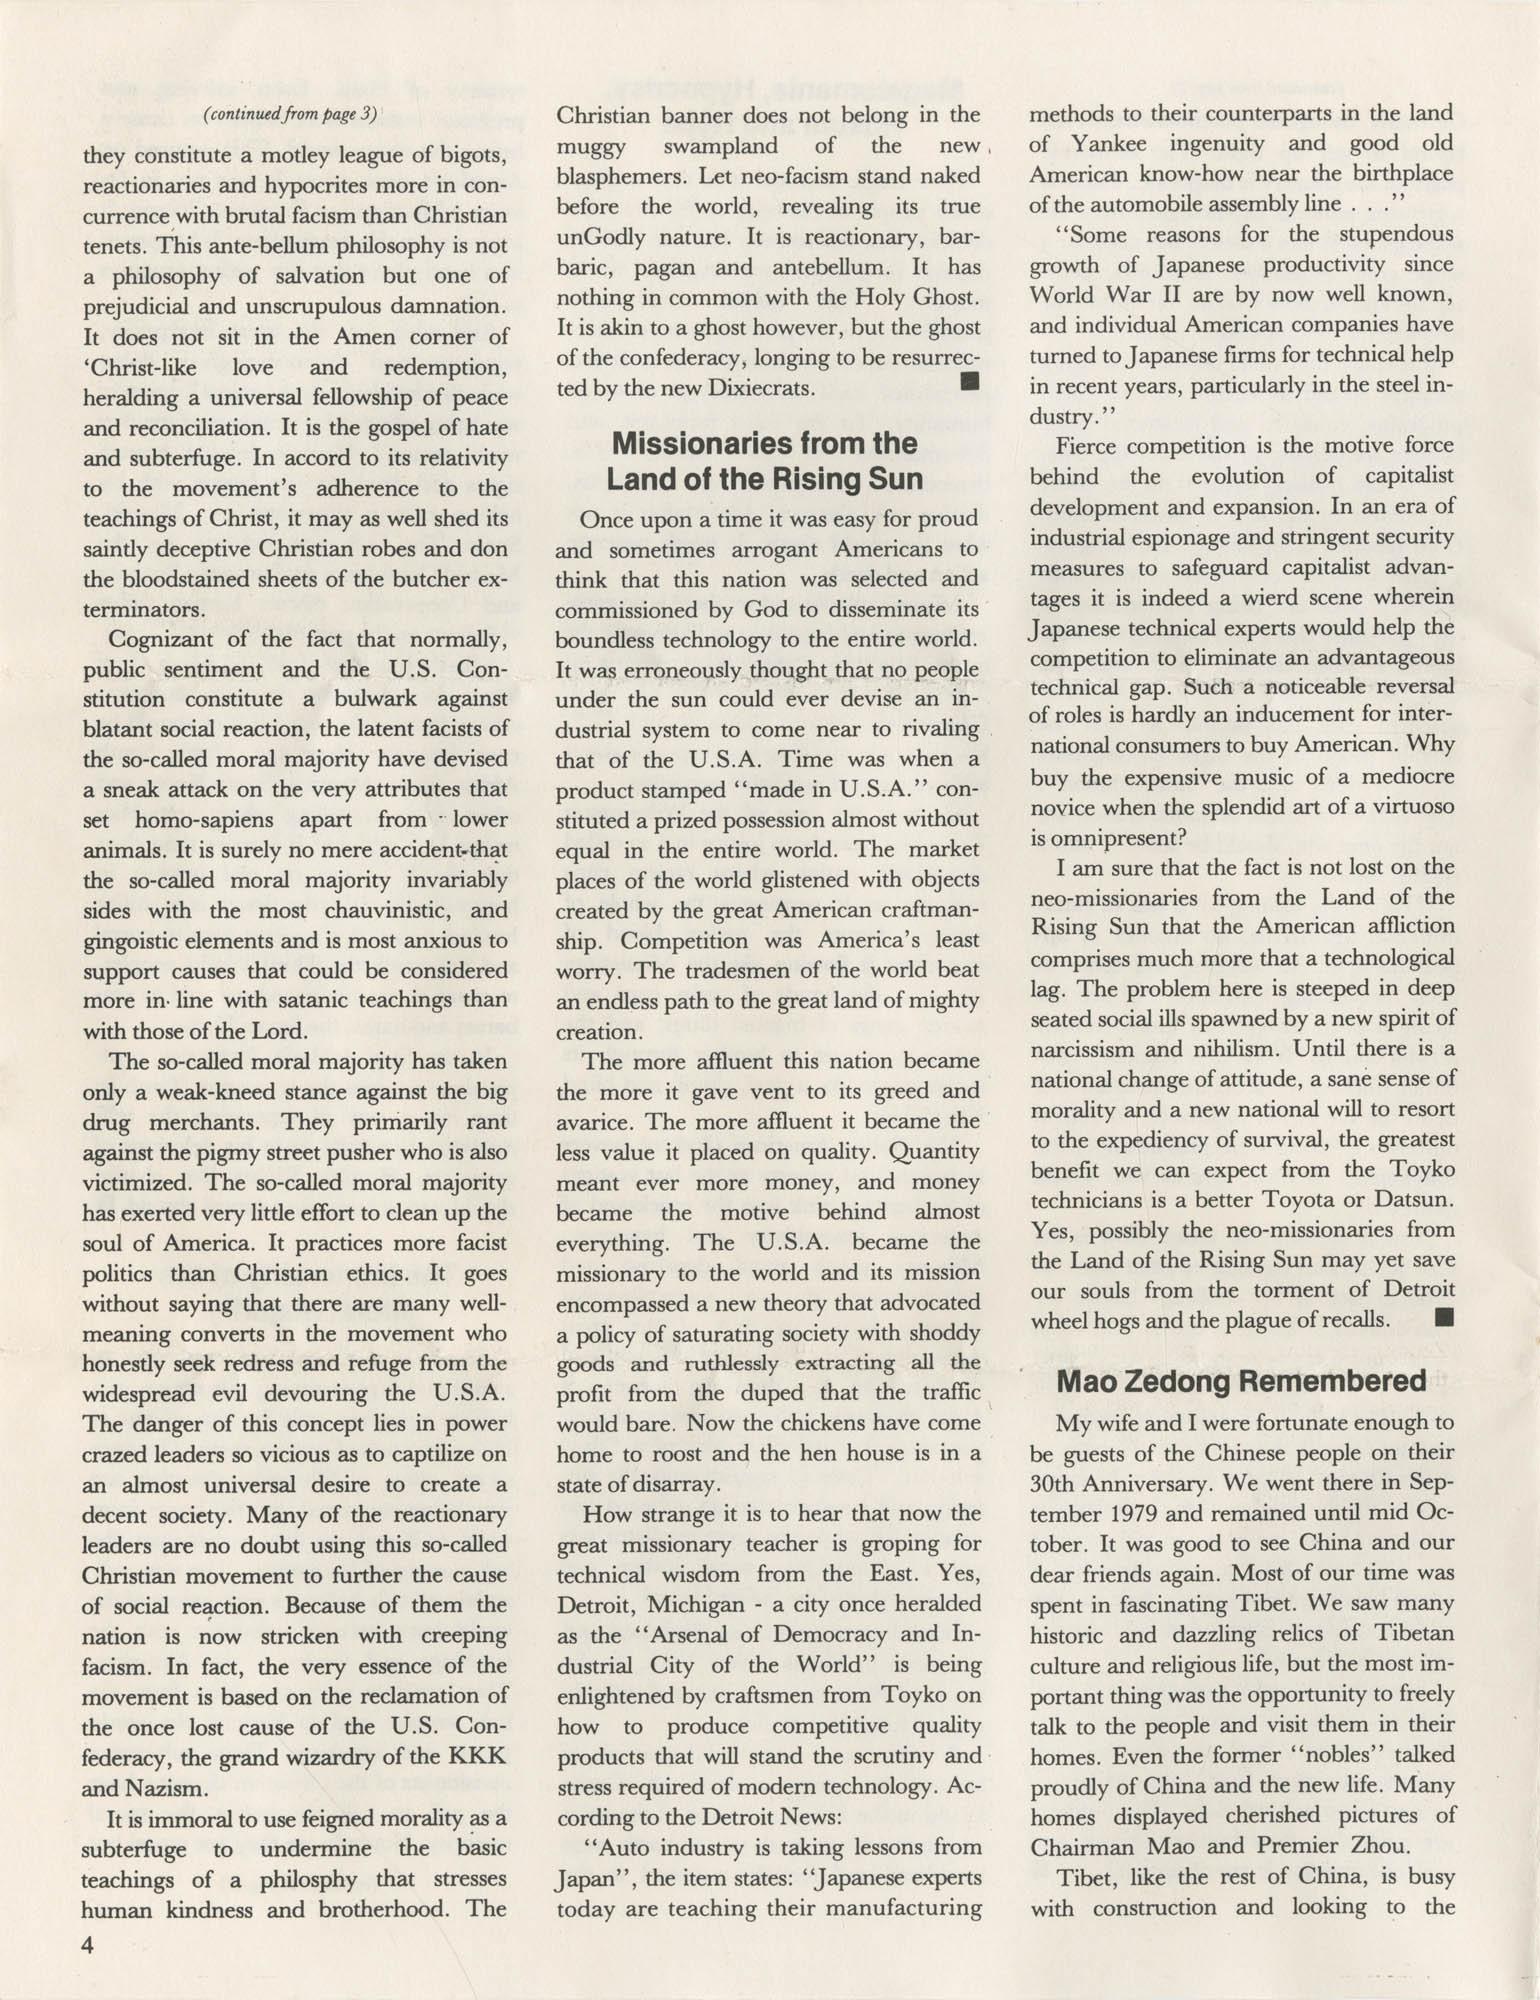 The Crusader, Vol. XII, No. 1, Page 4